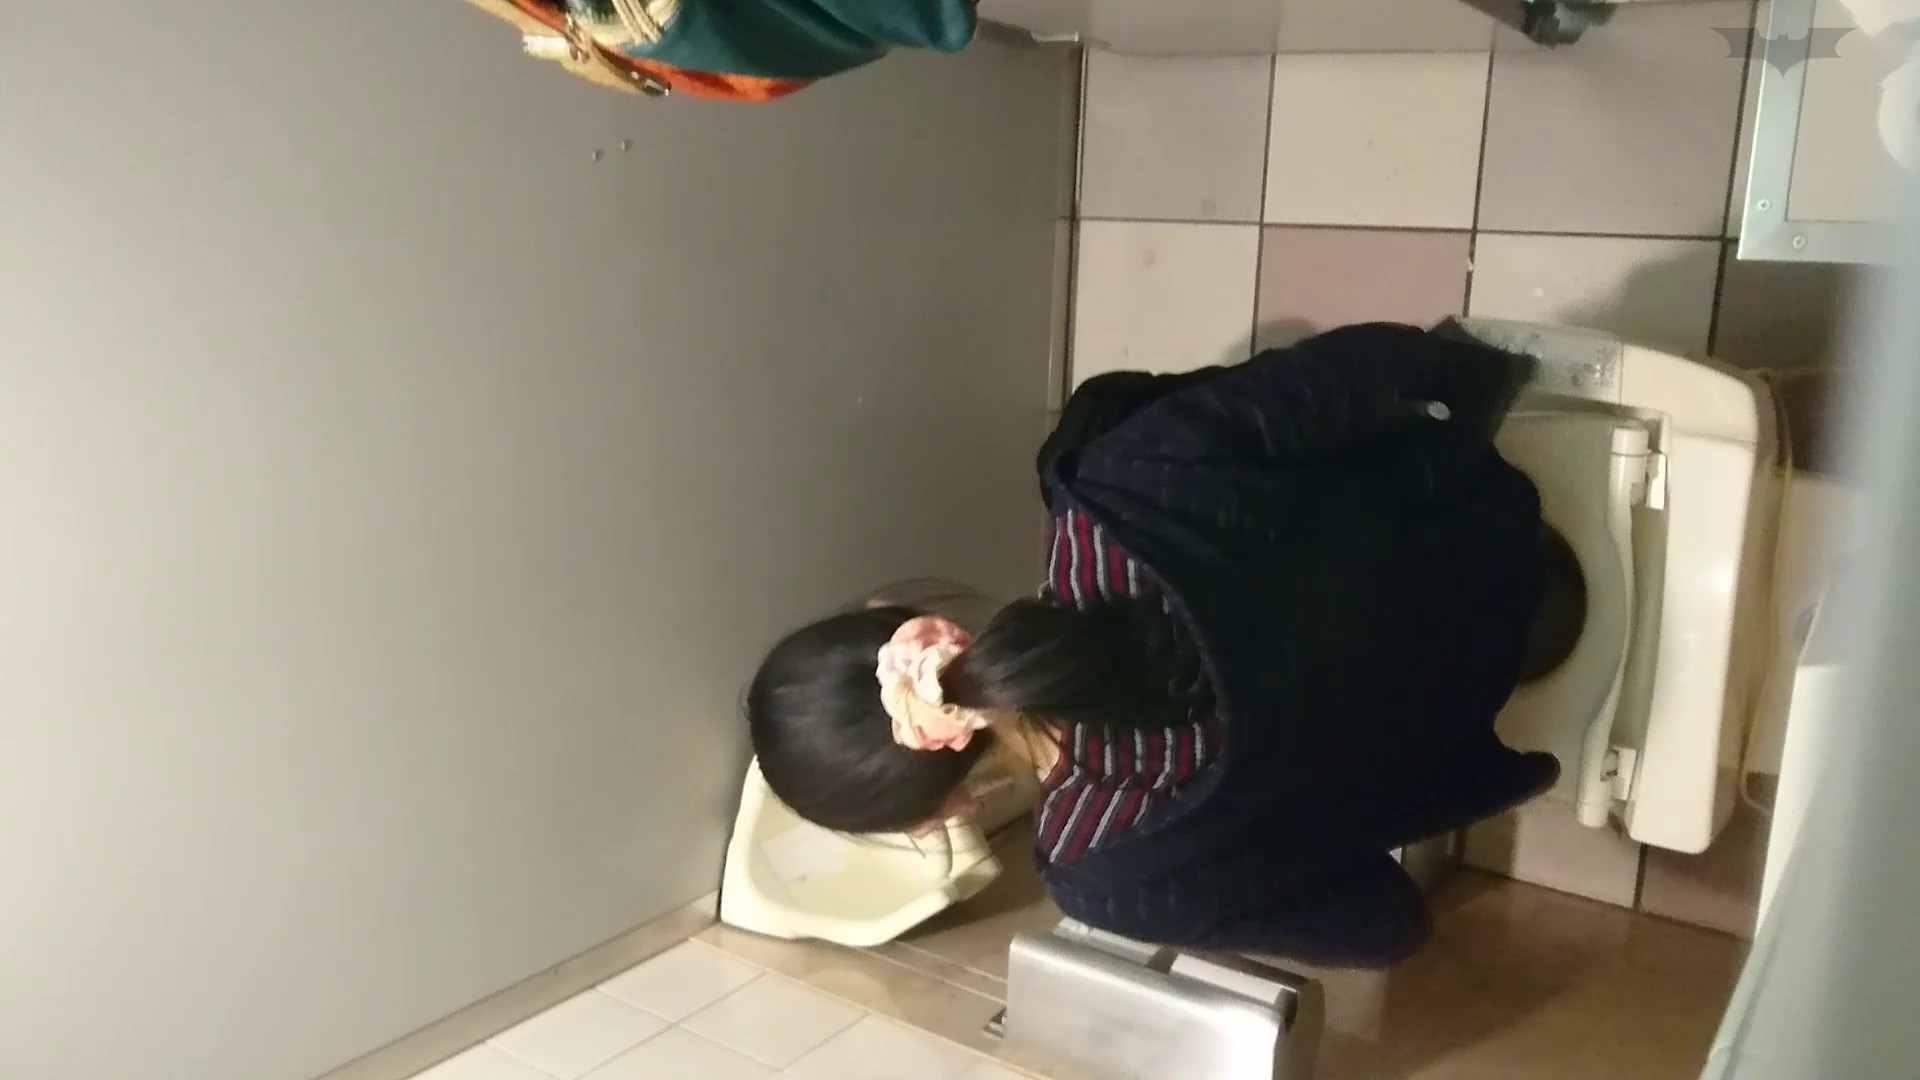 化粧室絵巻 ショッピングモール編 VOL.18 丸見え オマンコ無修正動画無料 108枚 48